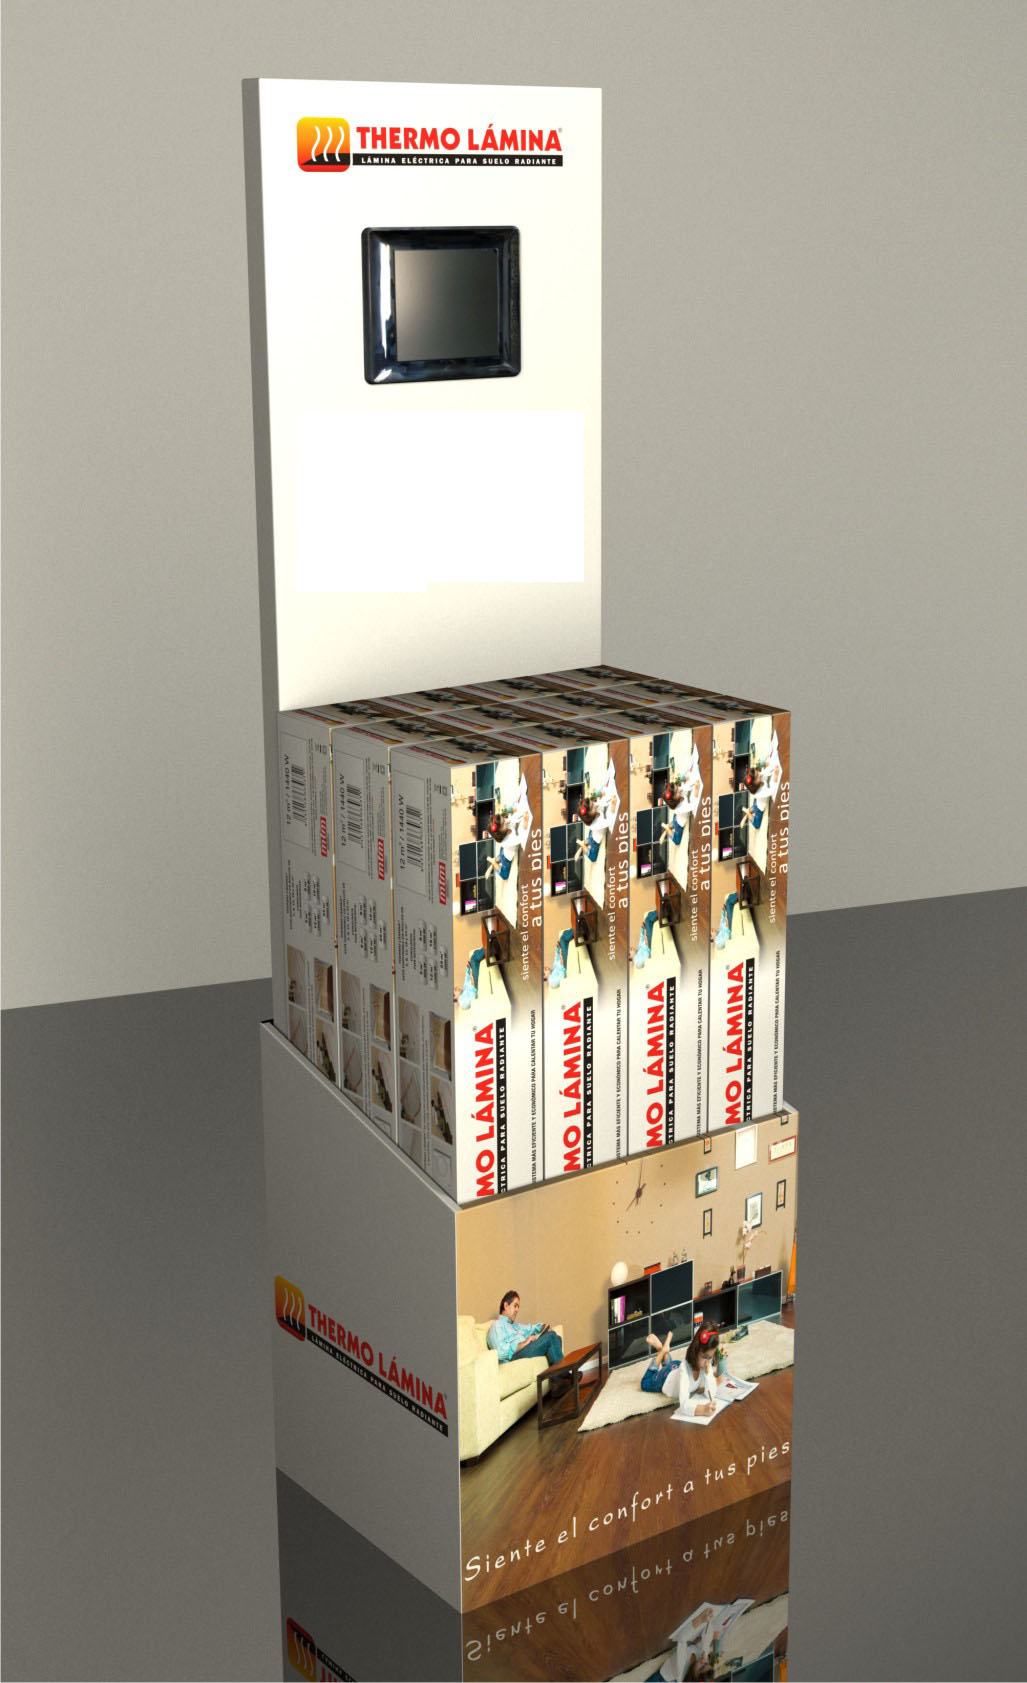 Zakelijk presentatie elektrische vloerverwarming van Thermo Lámina